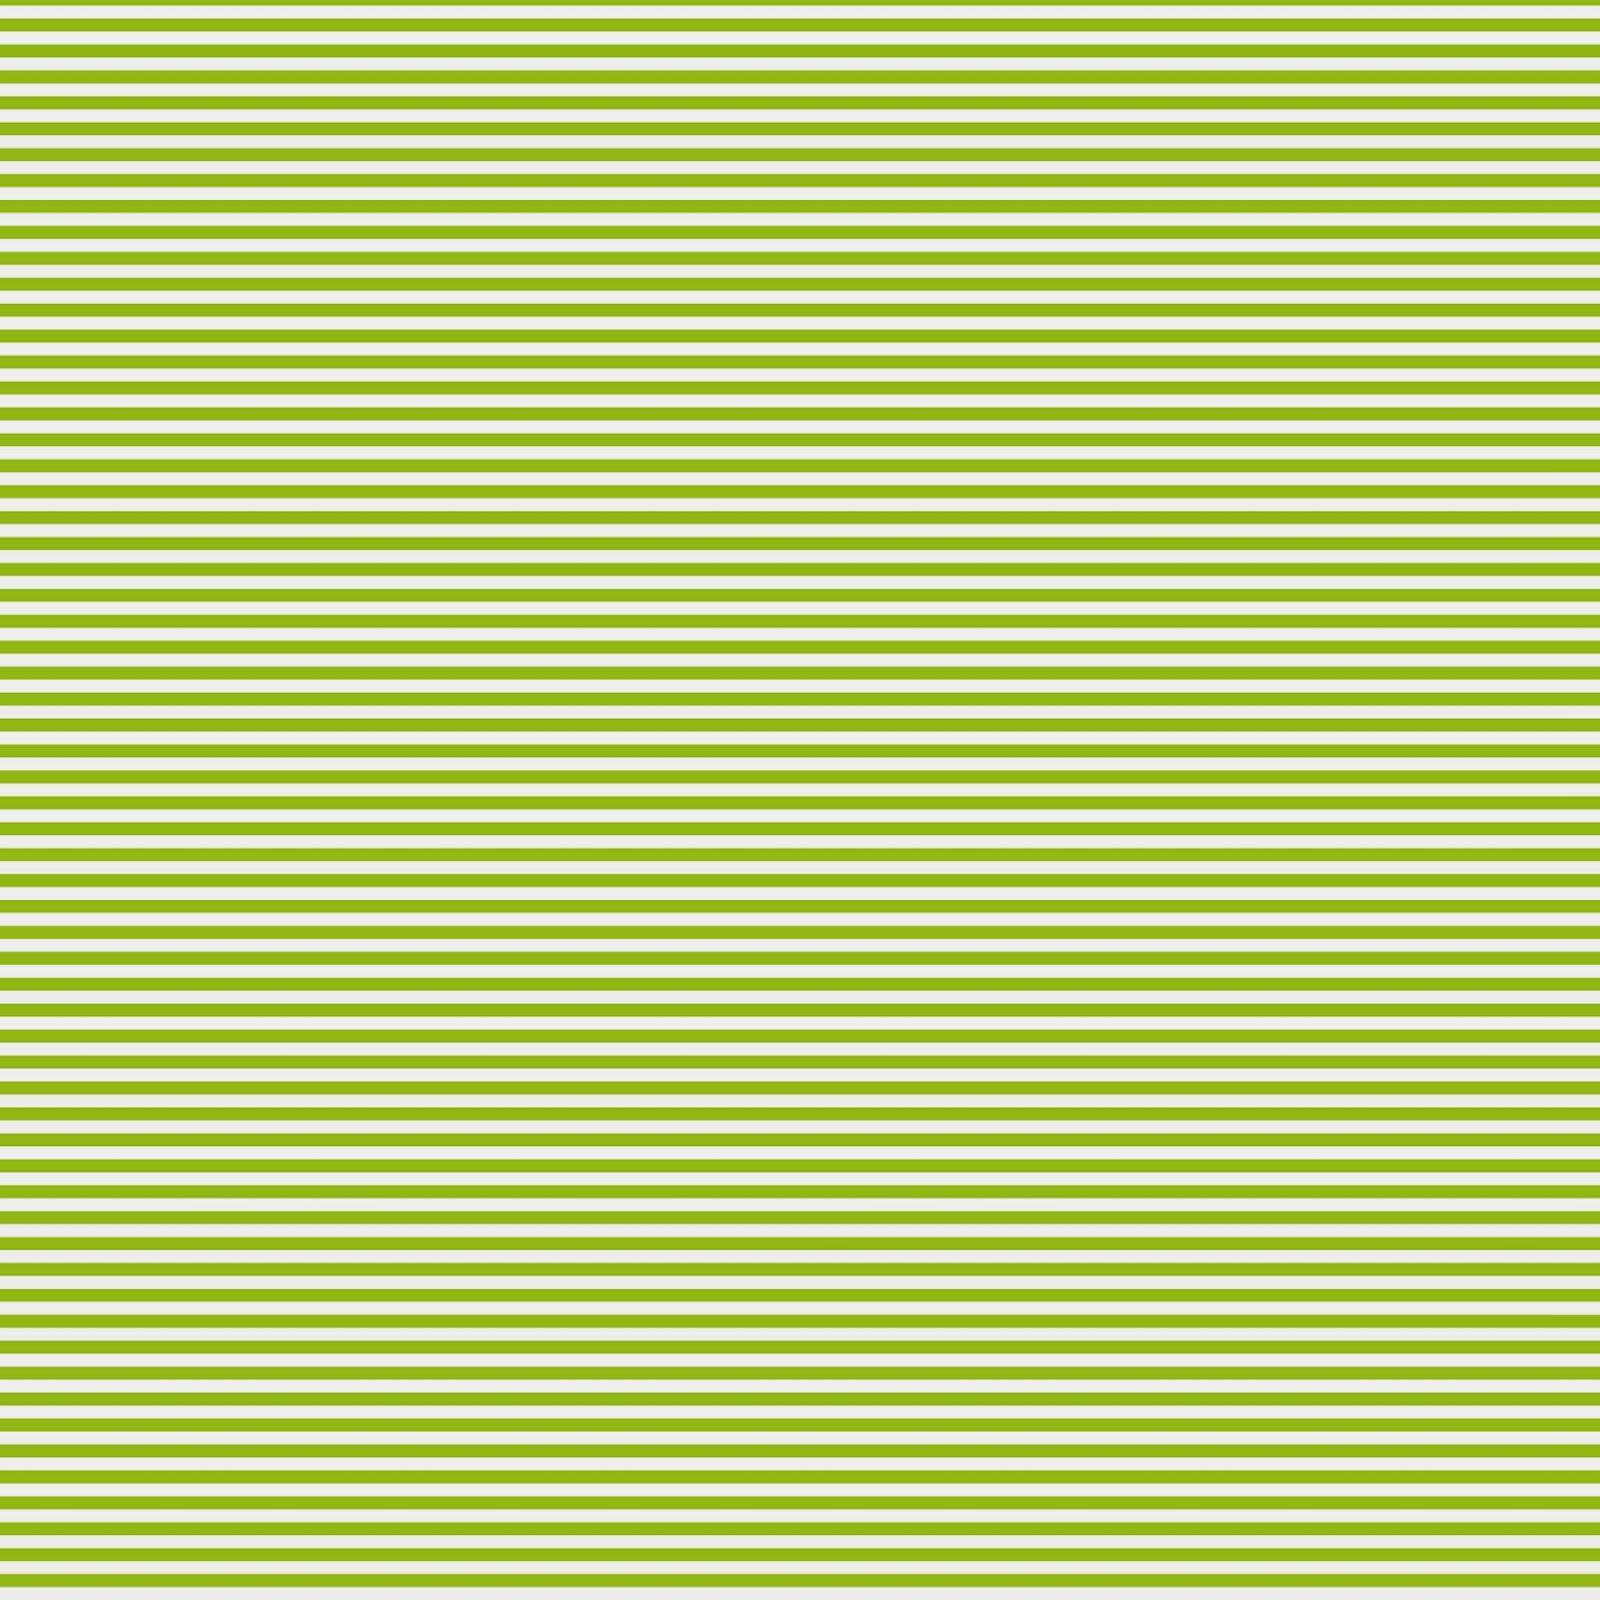 Fondos de papel con rayas verdes buscar con google fondos coral pinterest searching - Papel con rayas ...